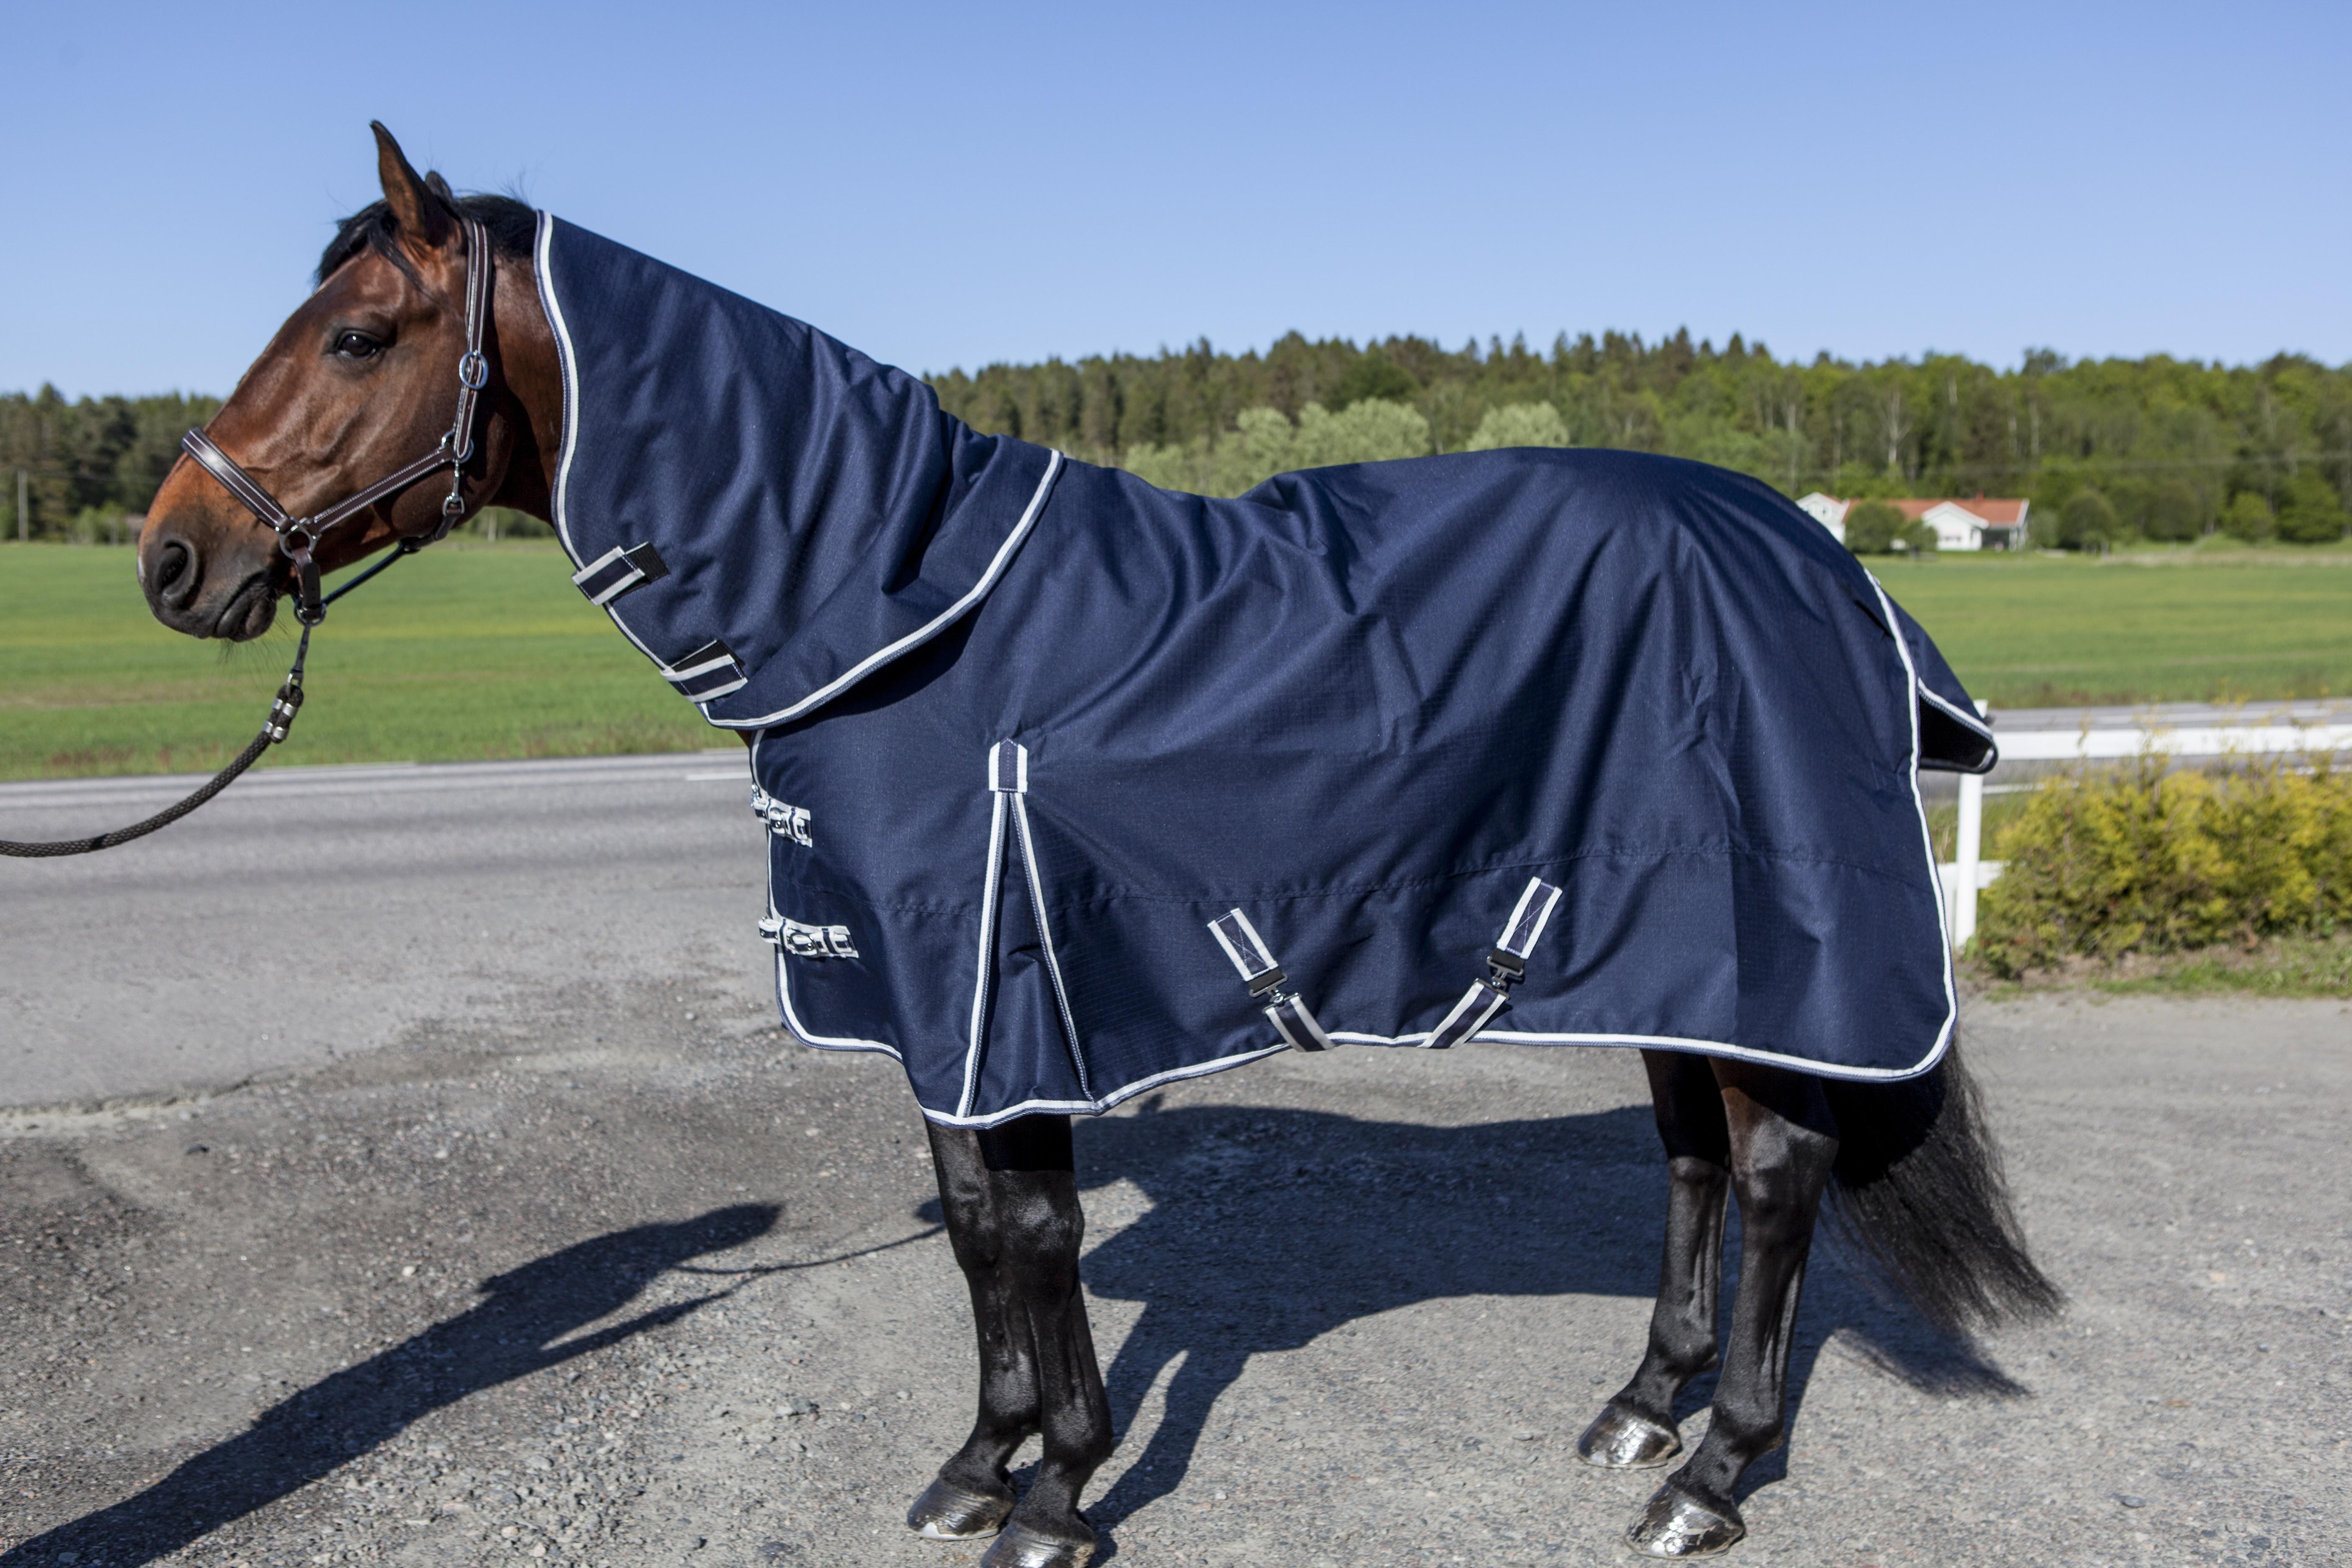 vintertäcke häst rea